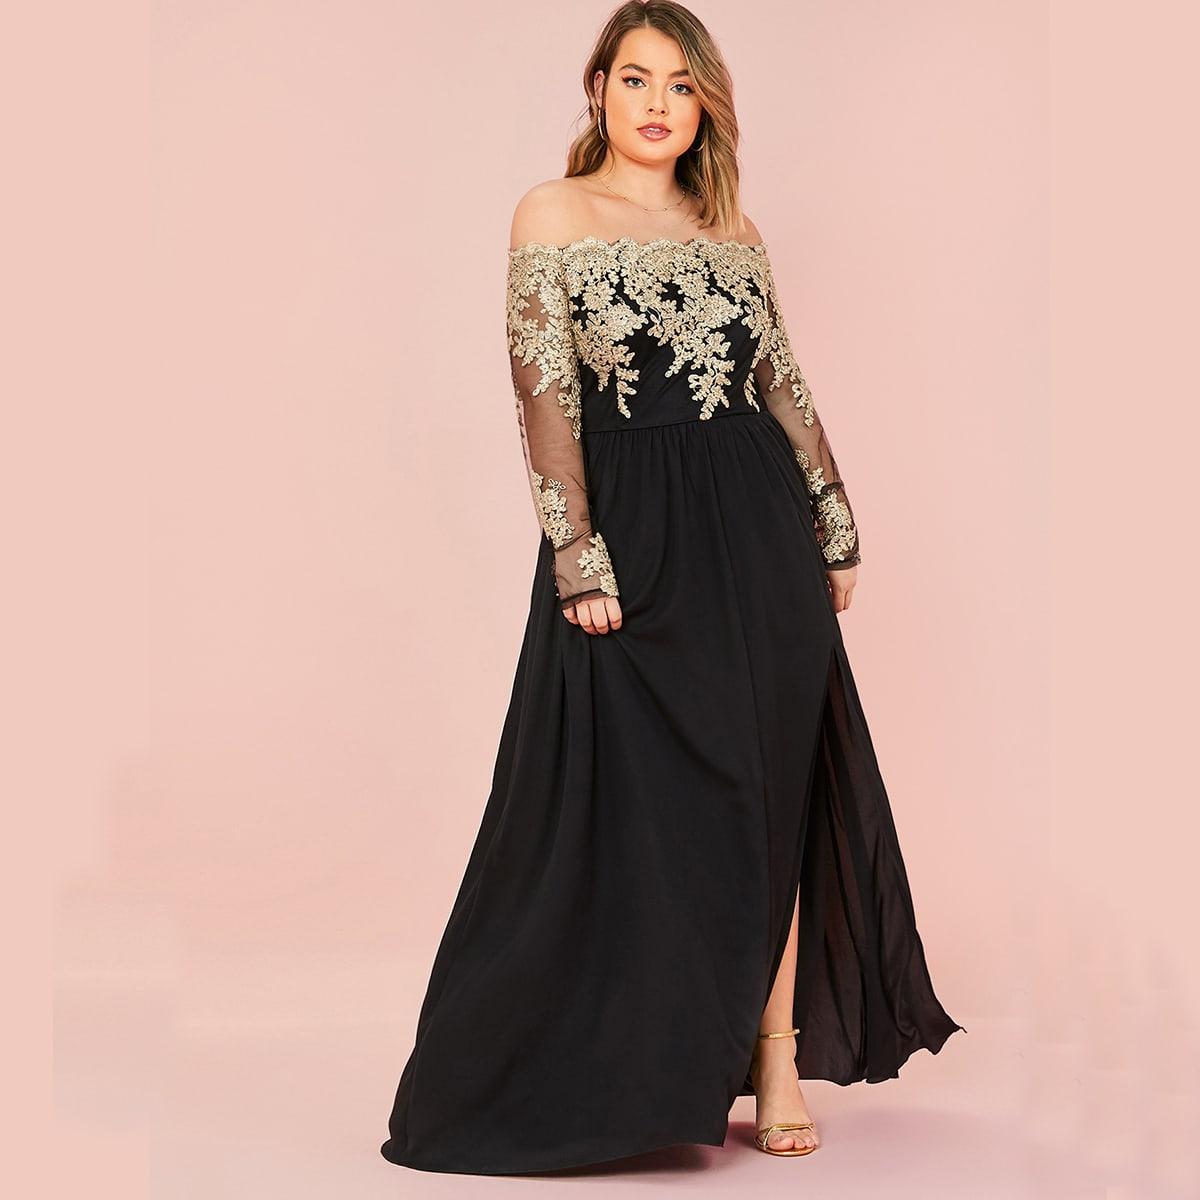 SHEIN / Große Größen - Schulterfreies Kleid mit Stickereien, Netzstoff und Schlitz am Saum